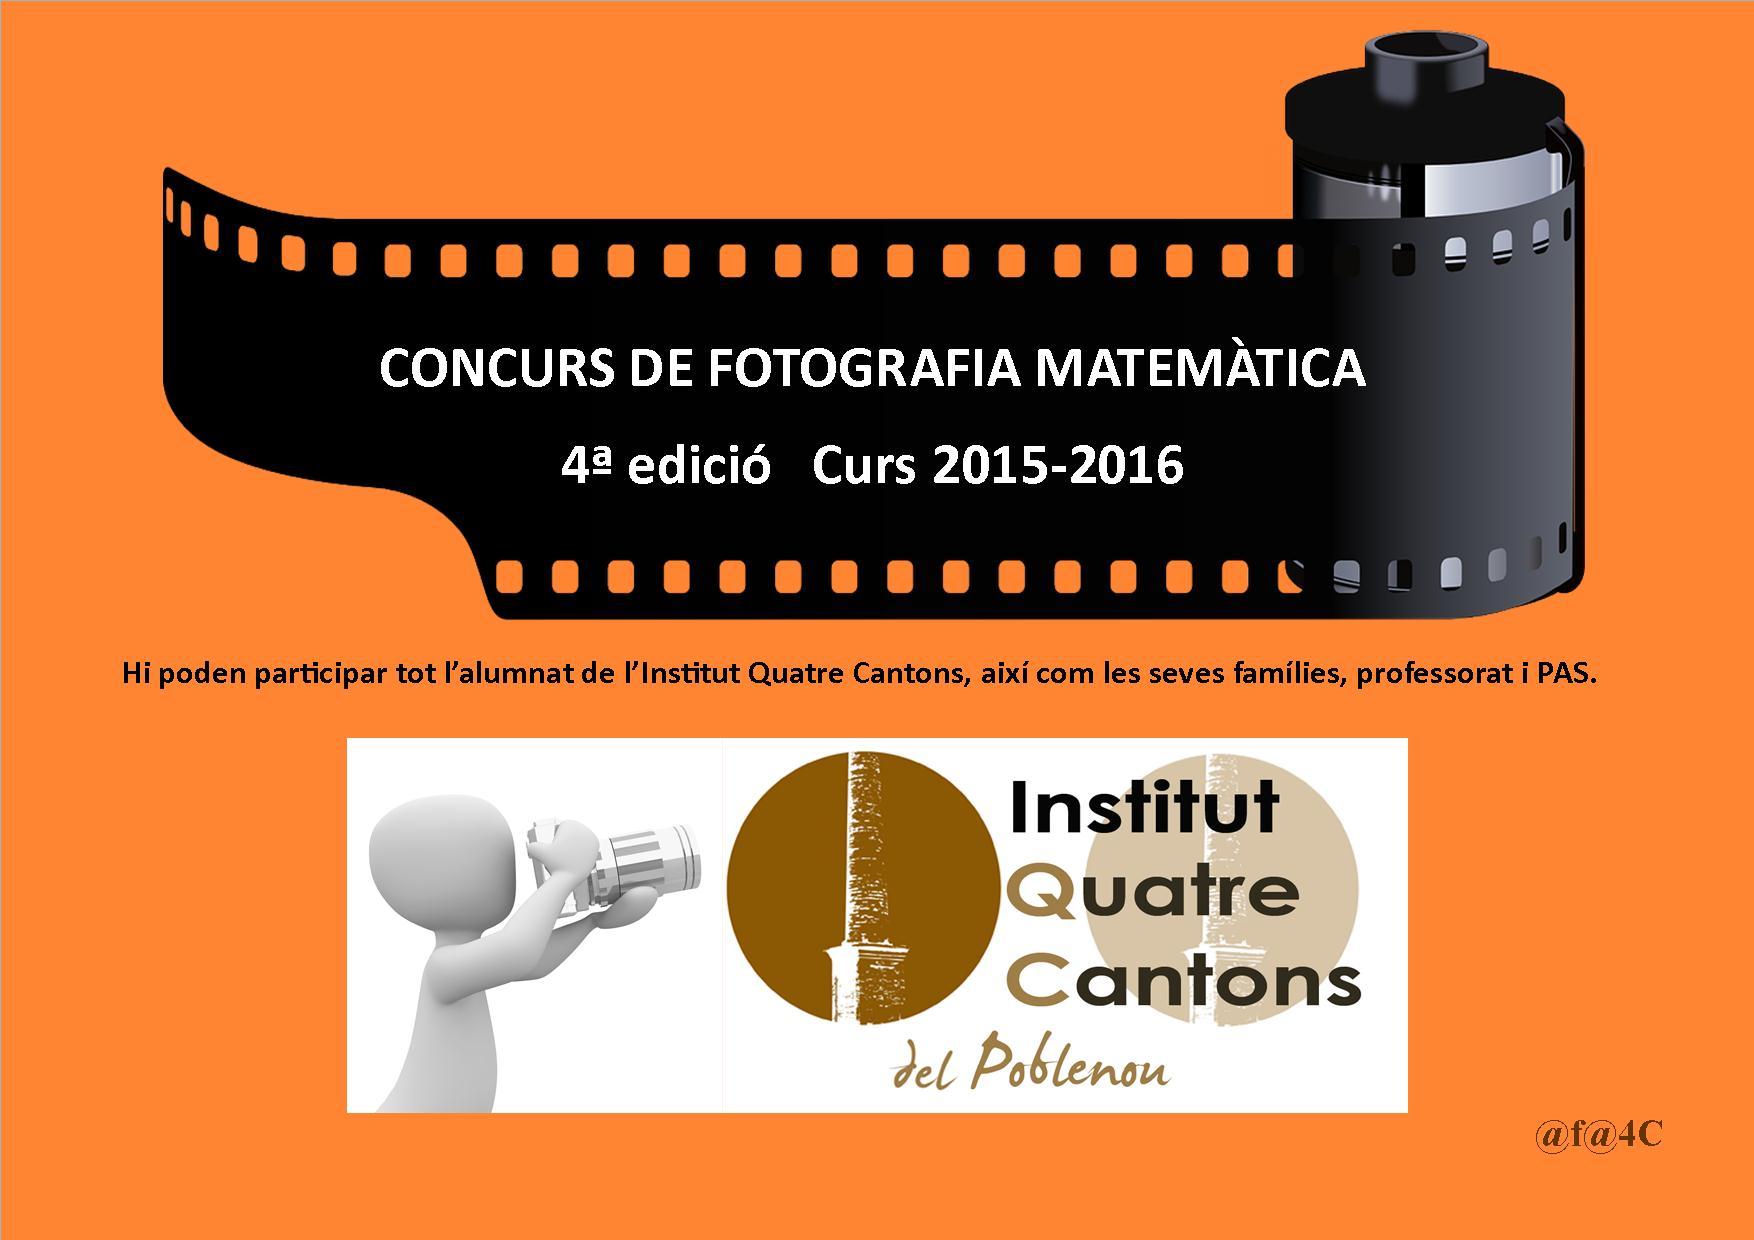 CONCURS DE FOTOGRAFIA MATEMÀTICA 4a edició. Organitza Institut Quatre Cantons